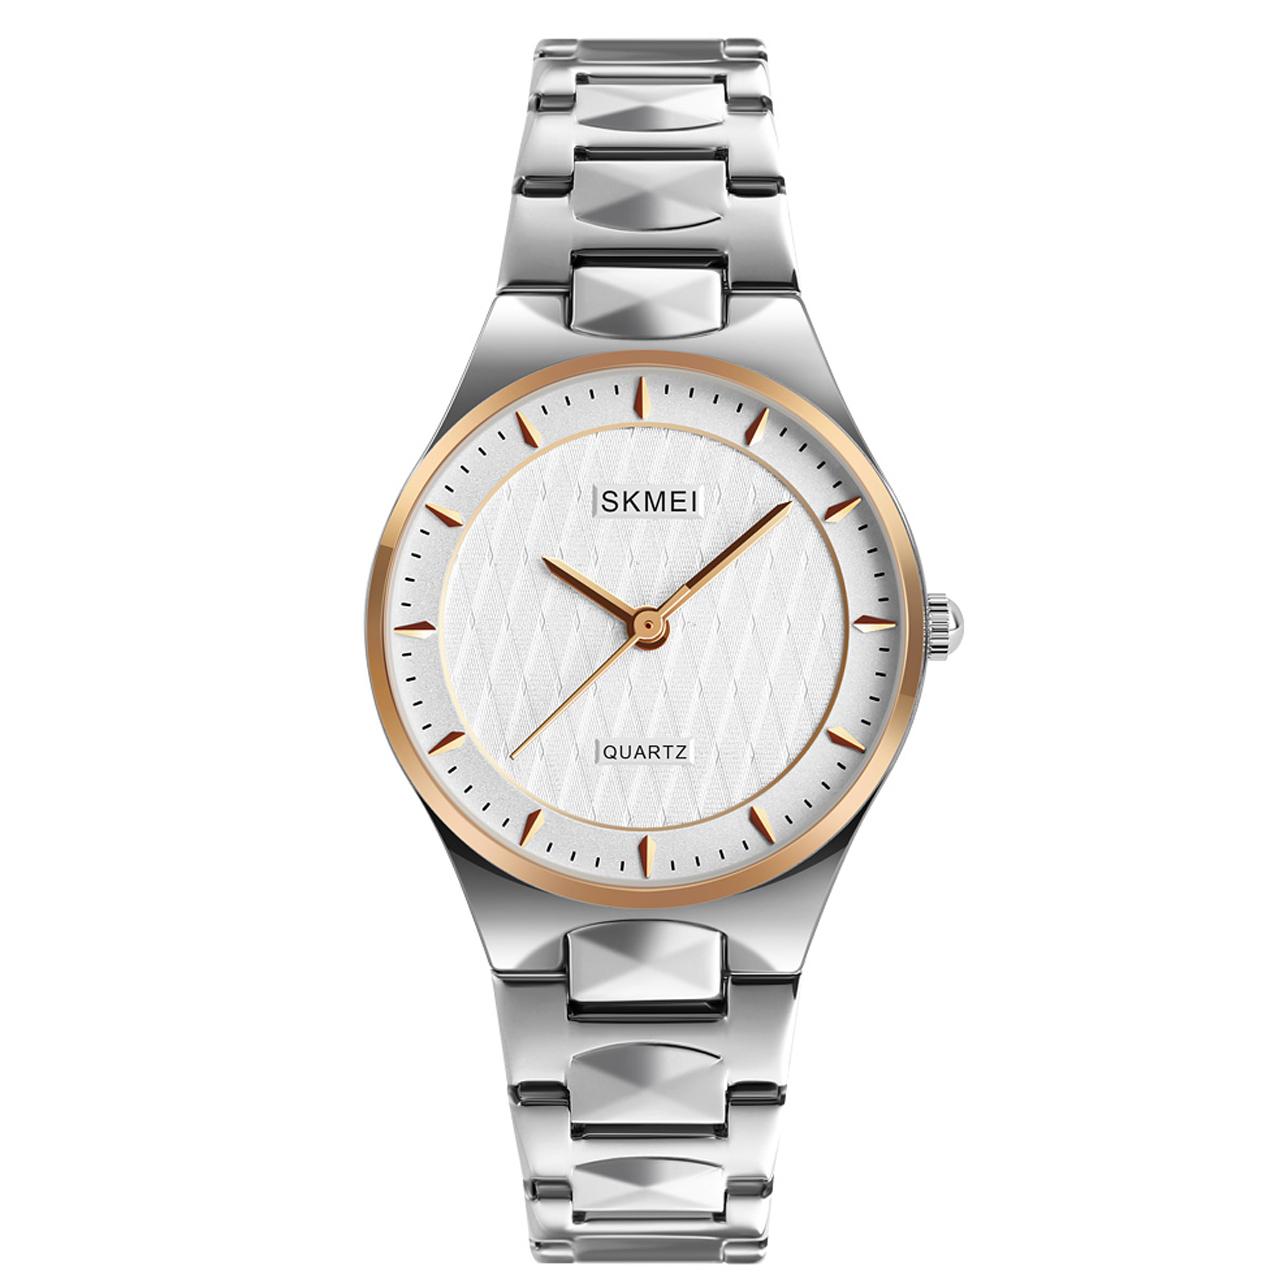 ساعت مچی عقربه ای زنانه اسکمی مدل 1282 کد 01 39